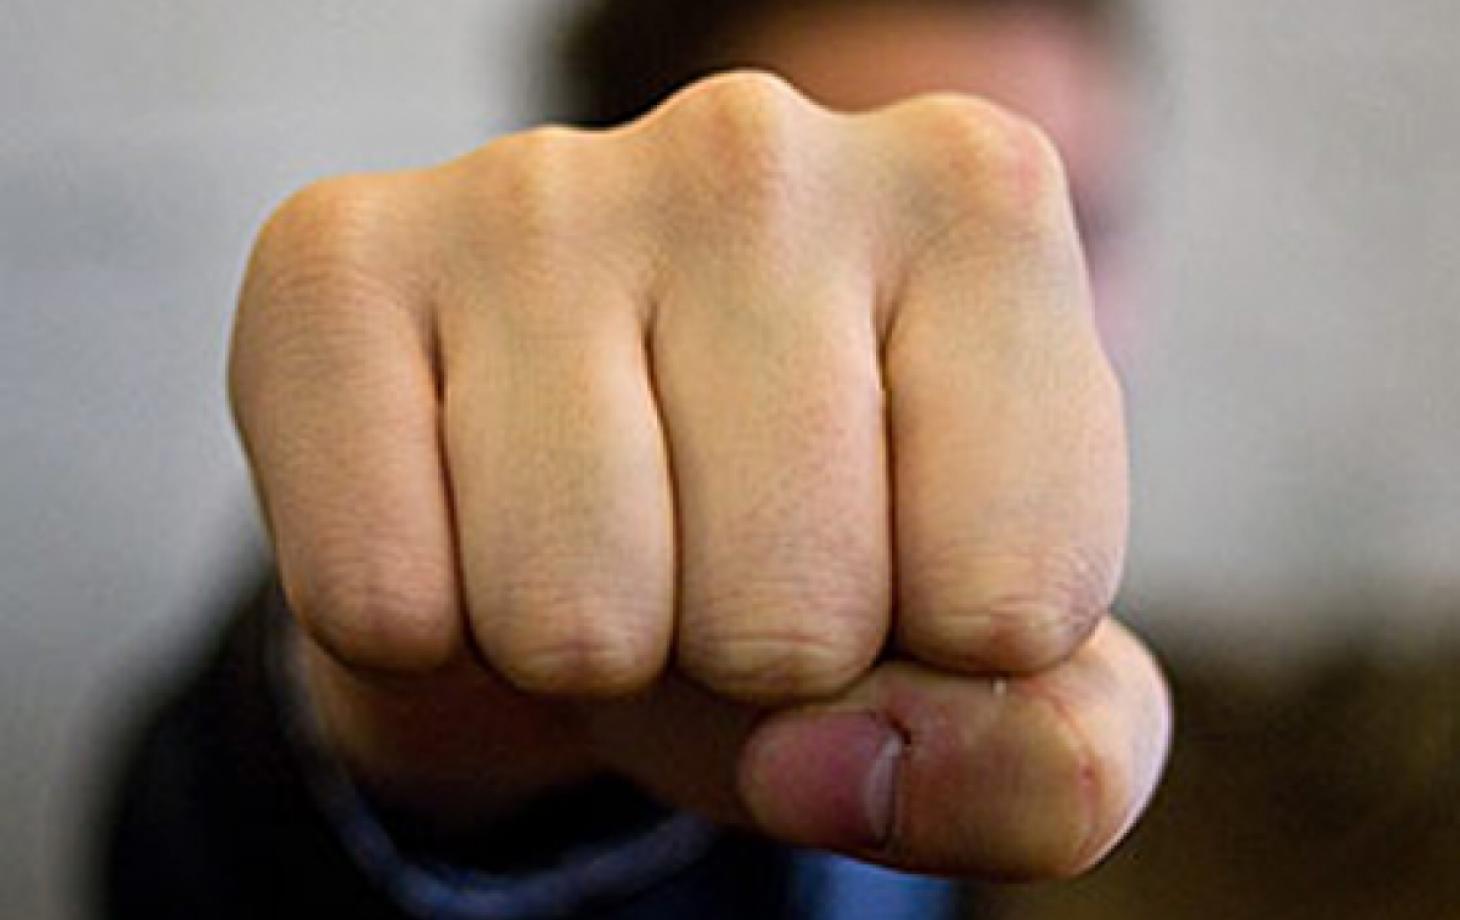 В Каменке пенсионер избил палкой до больничной койки мужчину вдвое младше себя